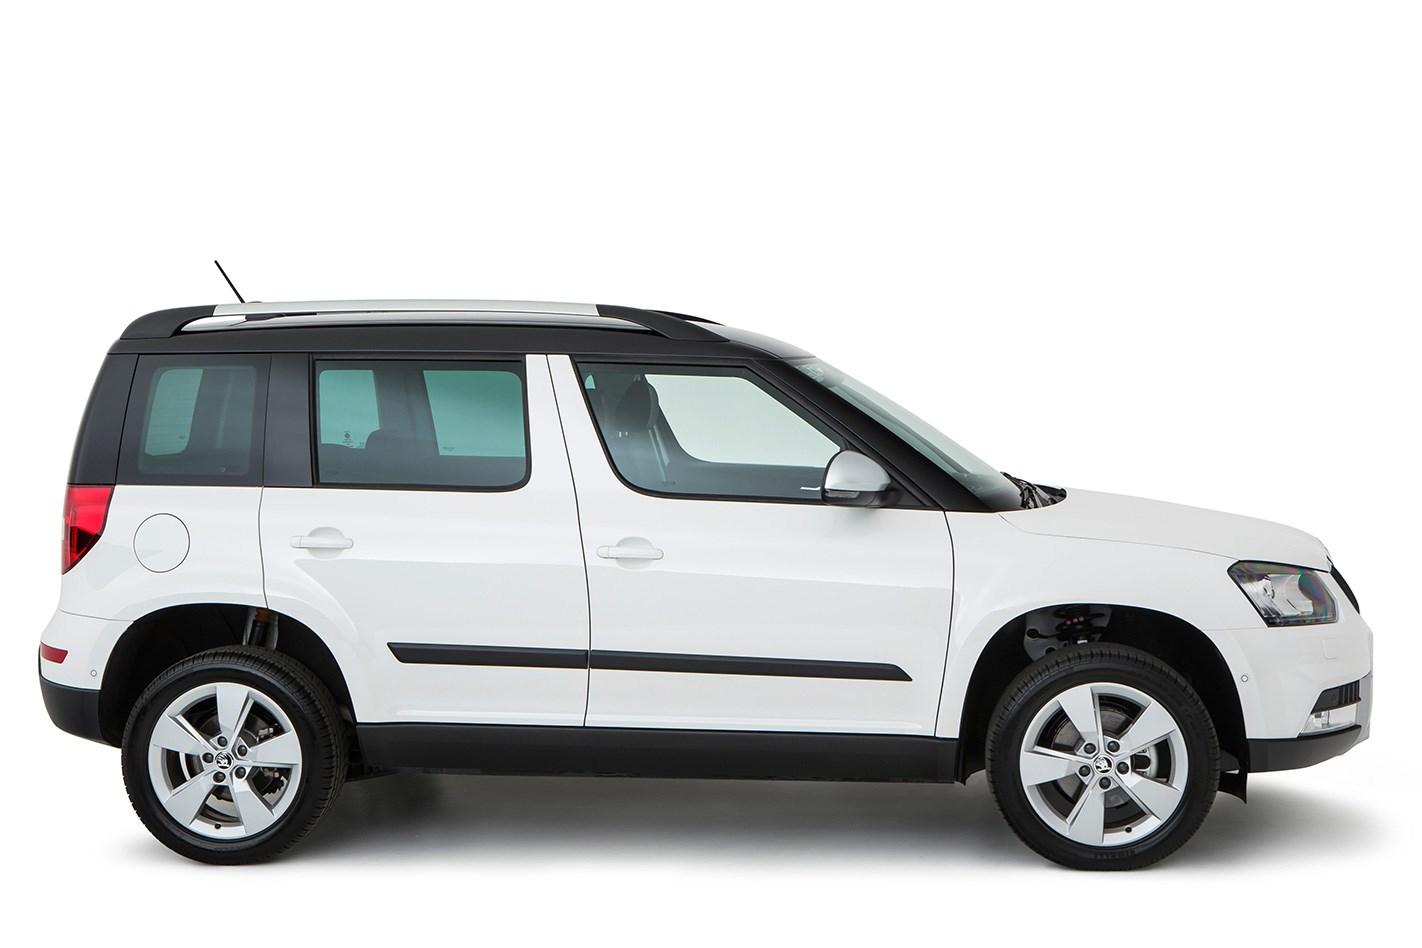 2016 Skoda Yeti Outdoor 103 Tdi 4x4 2 0l 4cyl Diesel Turbocharged